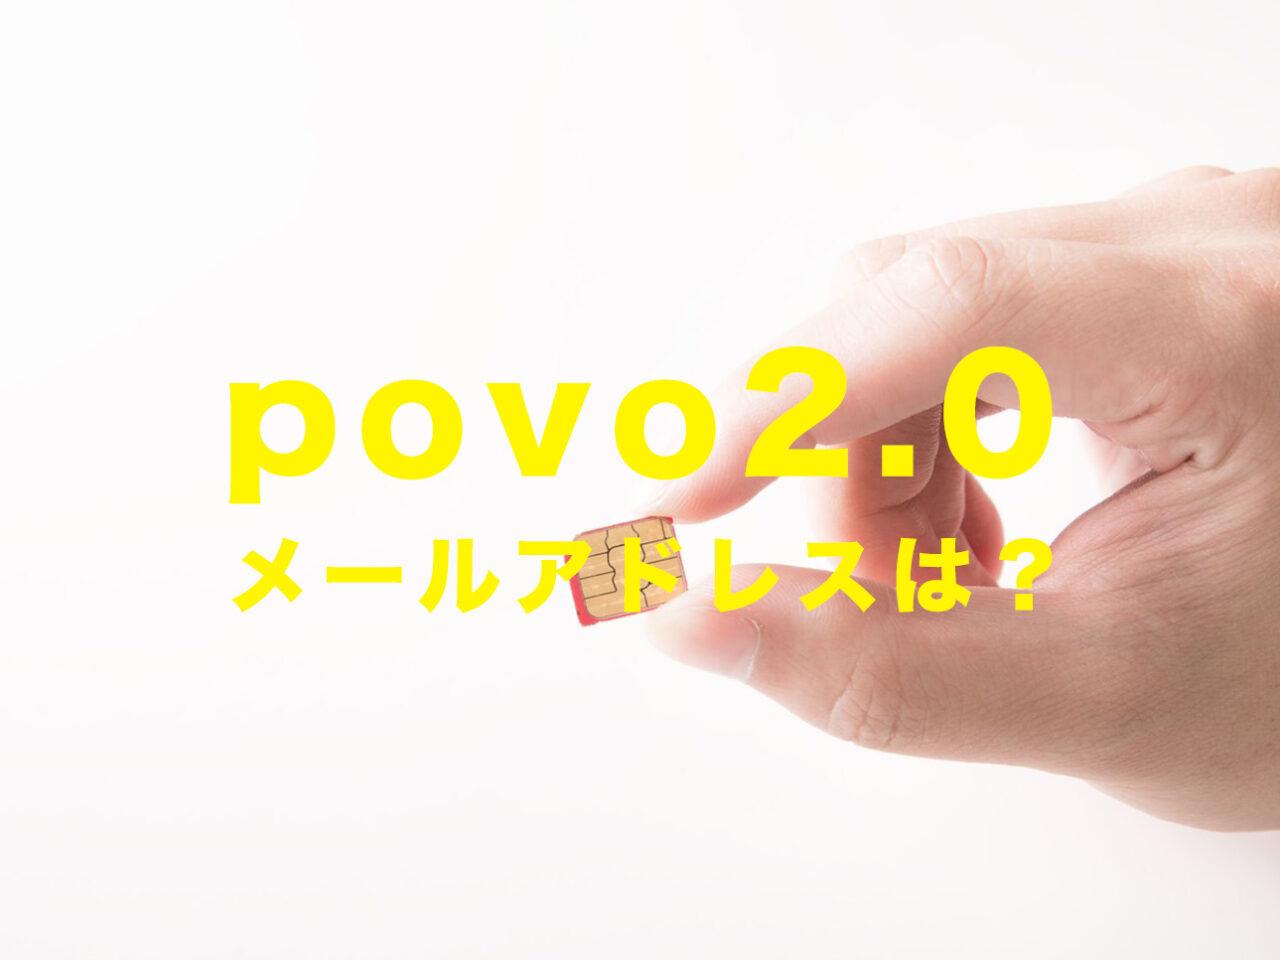 povo 2.0でキャリアメールは使えない?トッピングで使える?ポヴォ新プランのサムネイル画像